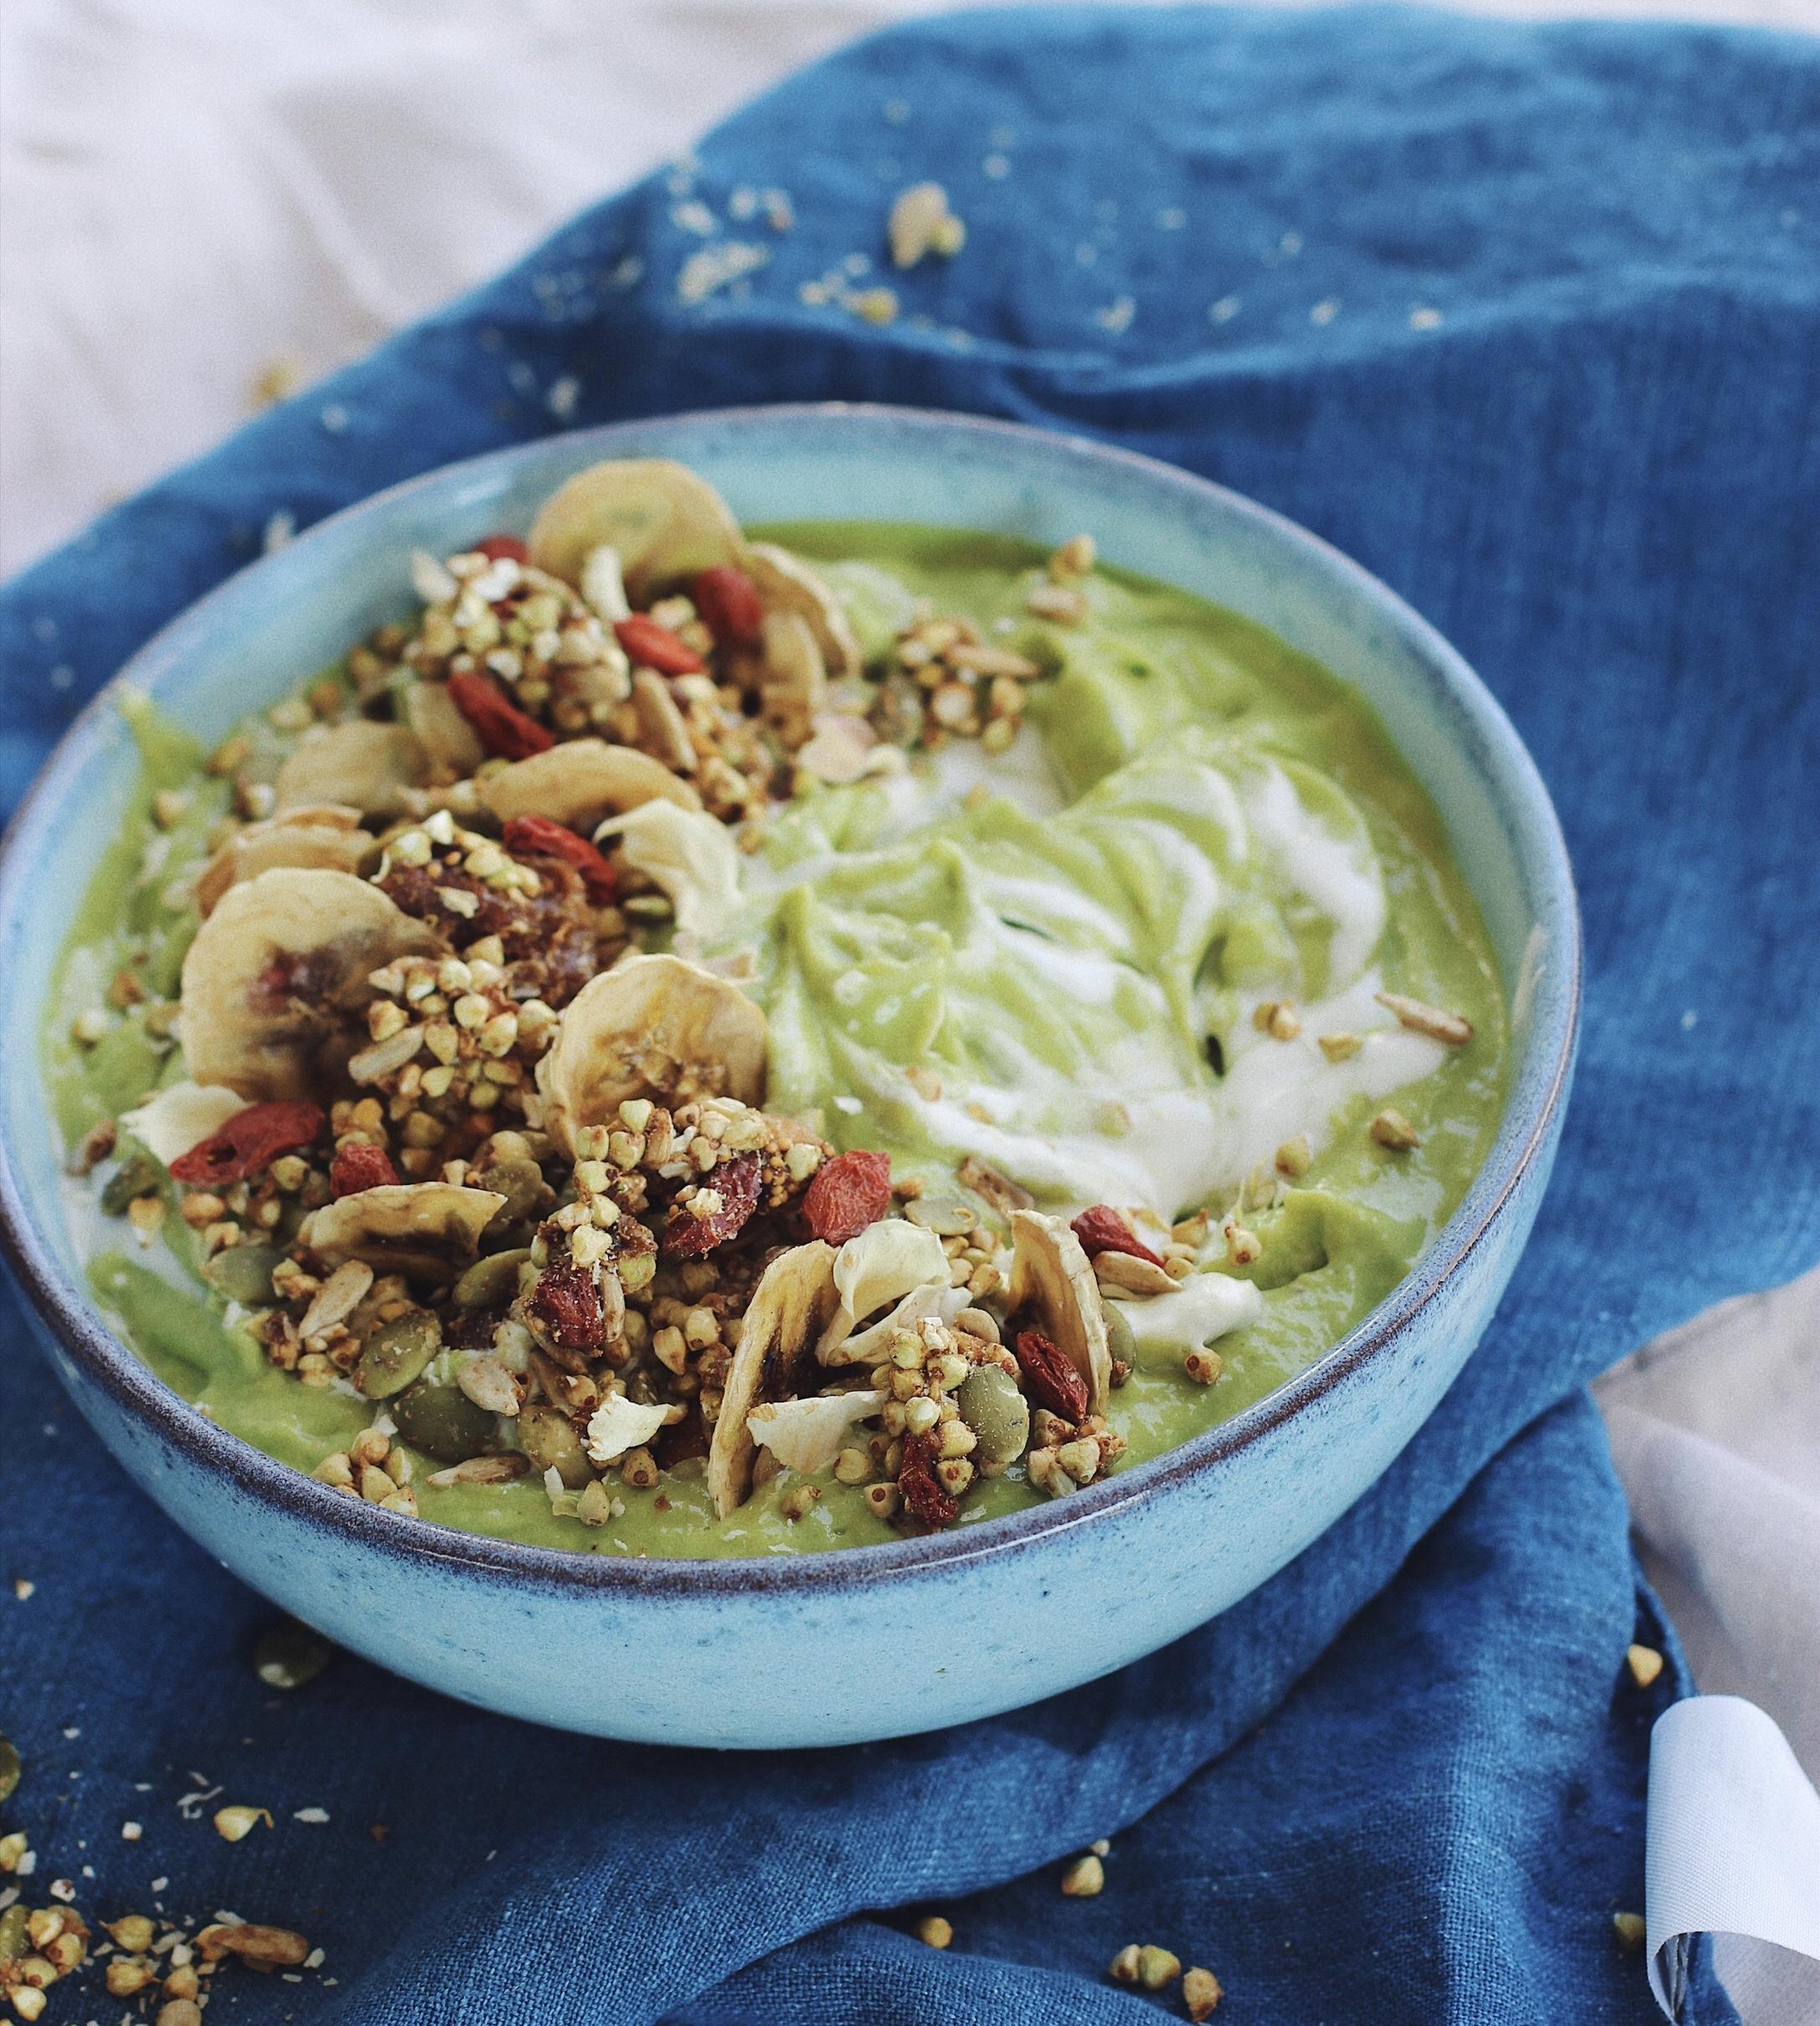 Green Smoothie Bowl - recipe below